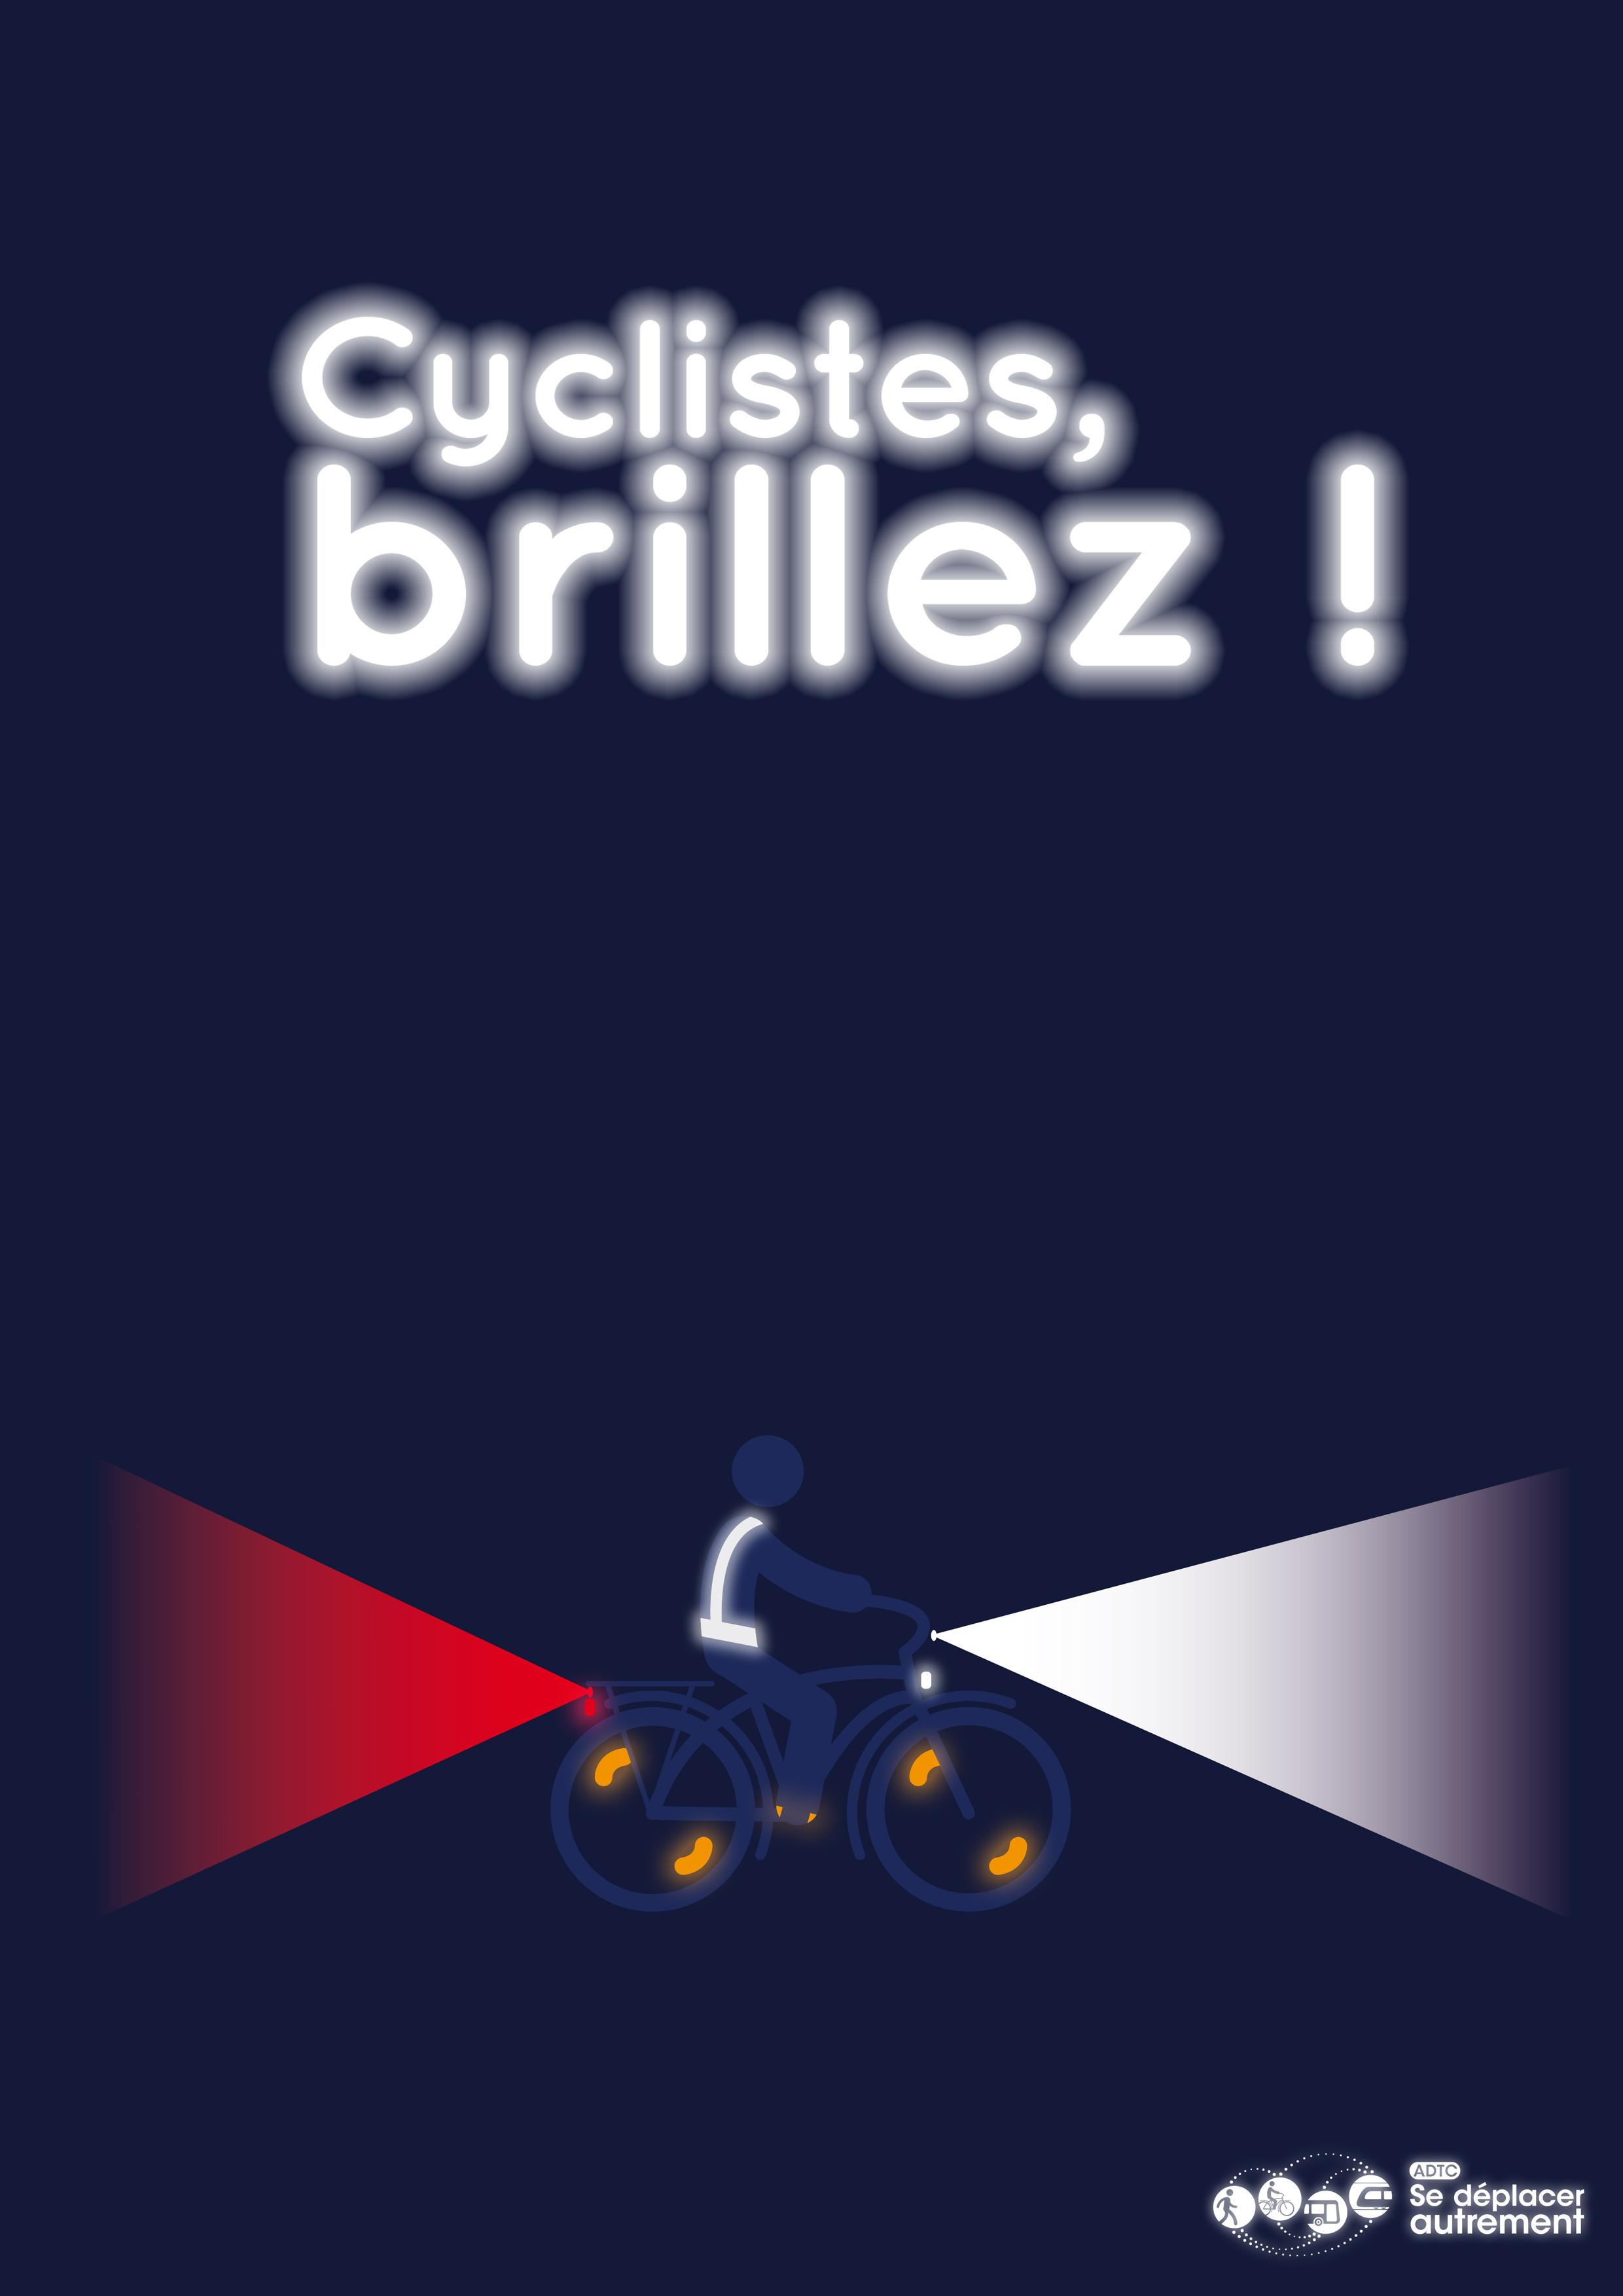 cyclistes brillez ADTC